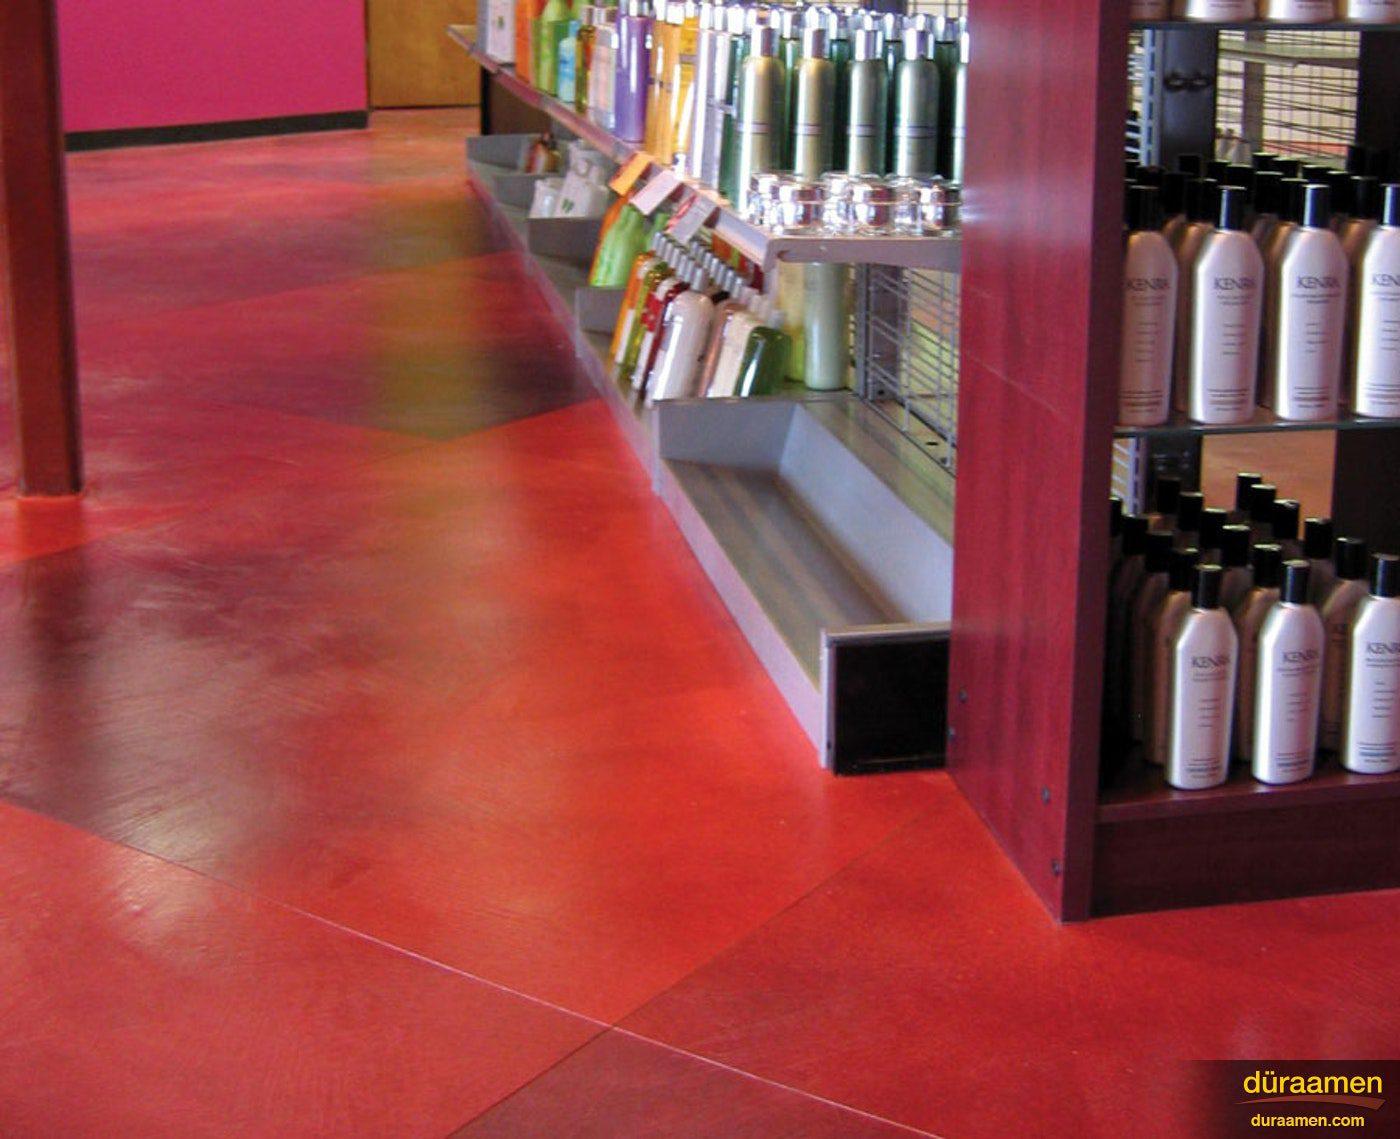 beutysupplysalon1nbspStained Concrete Floor in a Beauty Salon   Duraamen Engineered Products Inc